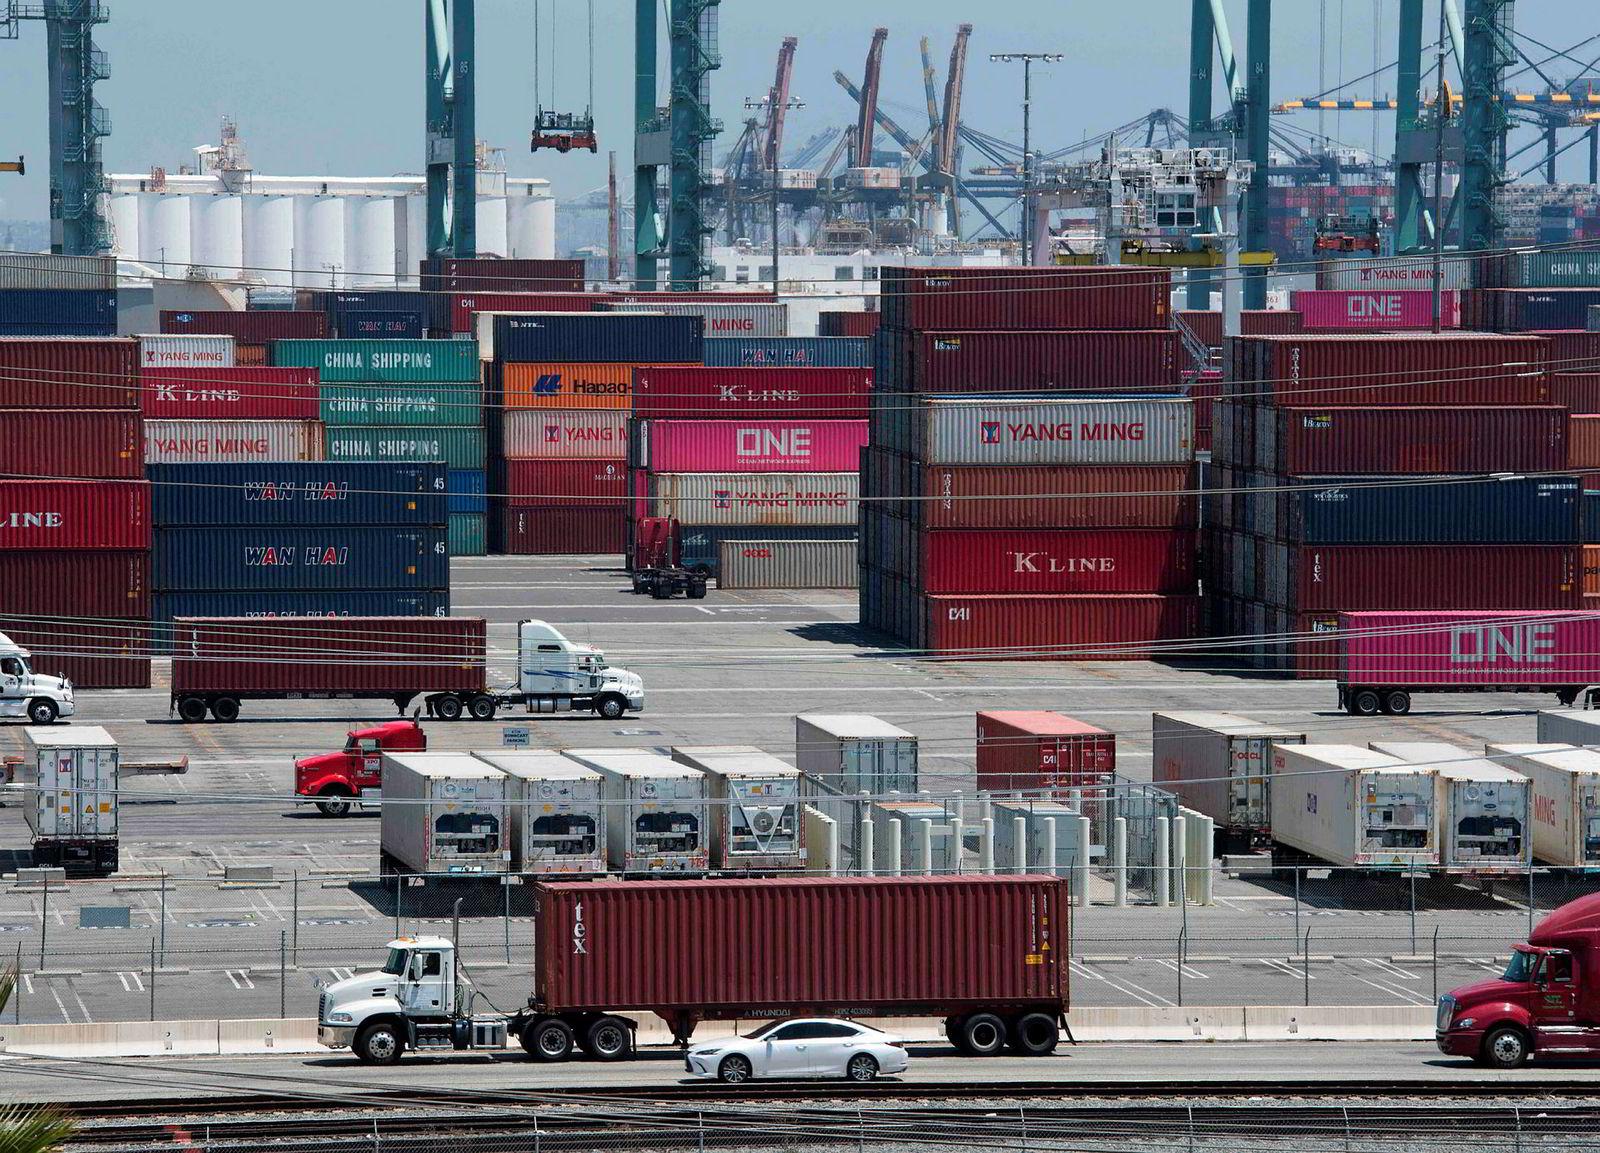 Det er amerikanske selskaper som må betale tollen Trump legger på kinesiske varer. Her ankommer kontainere Long Beach havn i California.